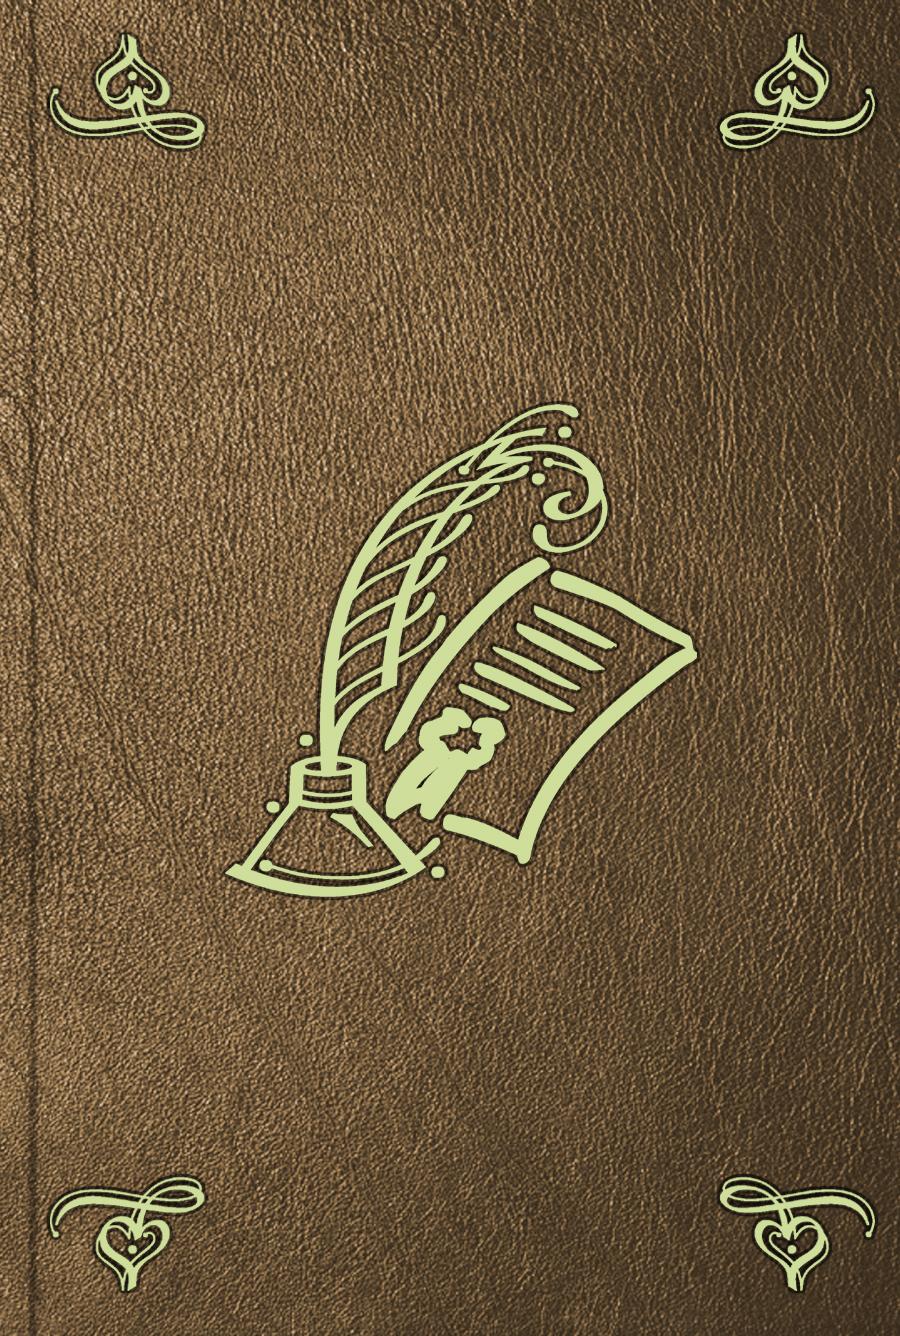 Иван Тихонович Посошков Россиянин прошедшаго века, или Предложение Ивана Посошкова ивангай хаю хай с вами ивангай eenote от ивана рудского фото